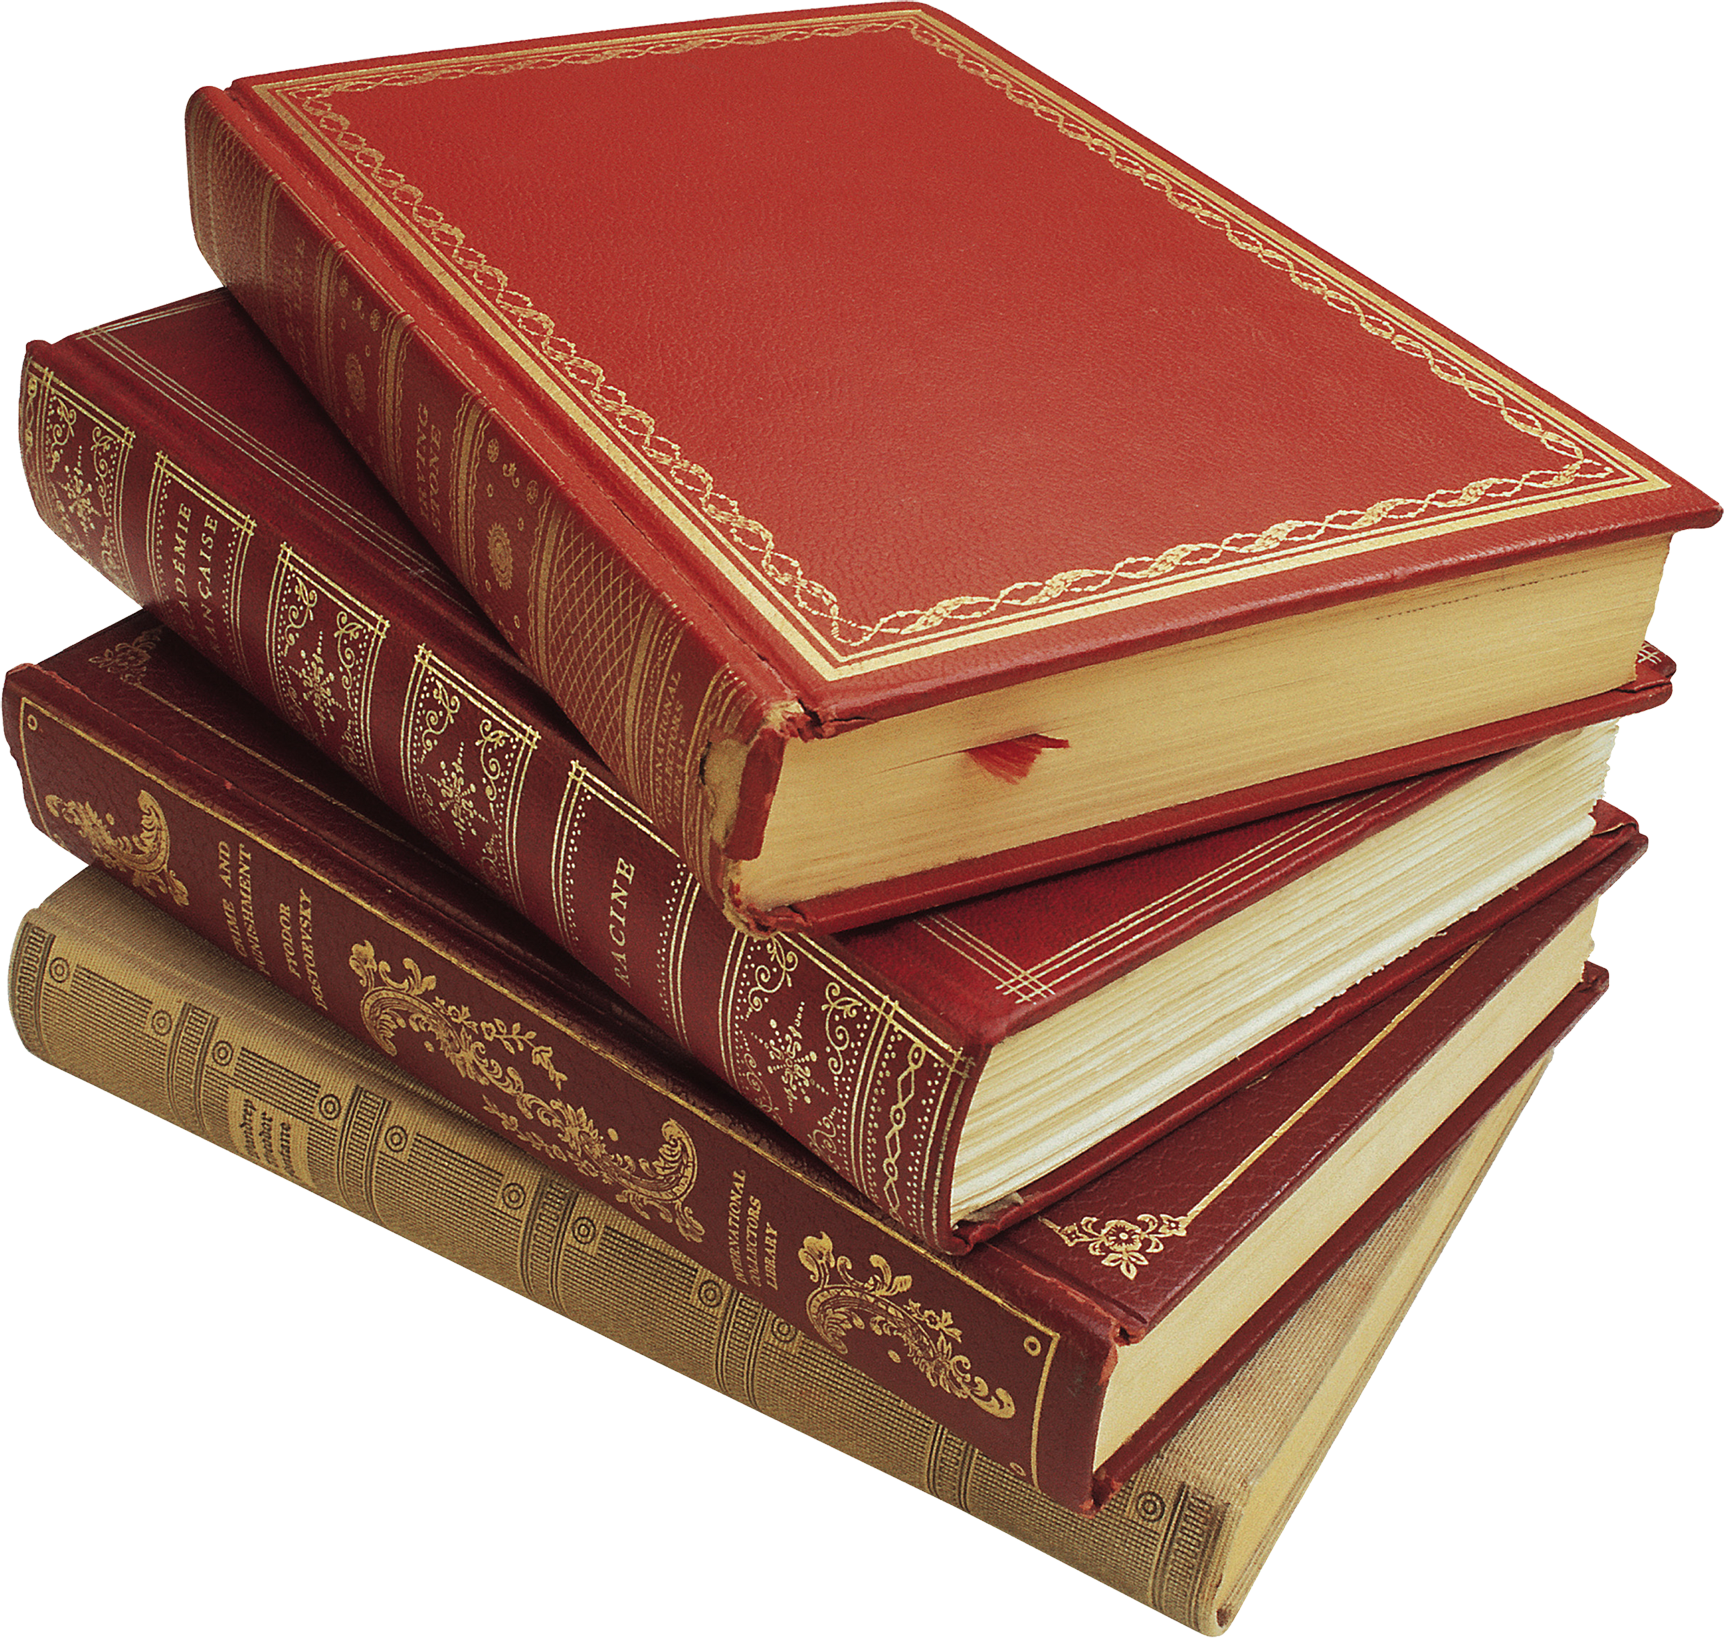 Скачать юридические книги без регистрации и бесплатно